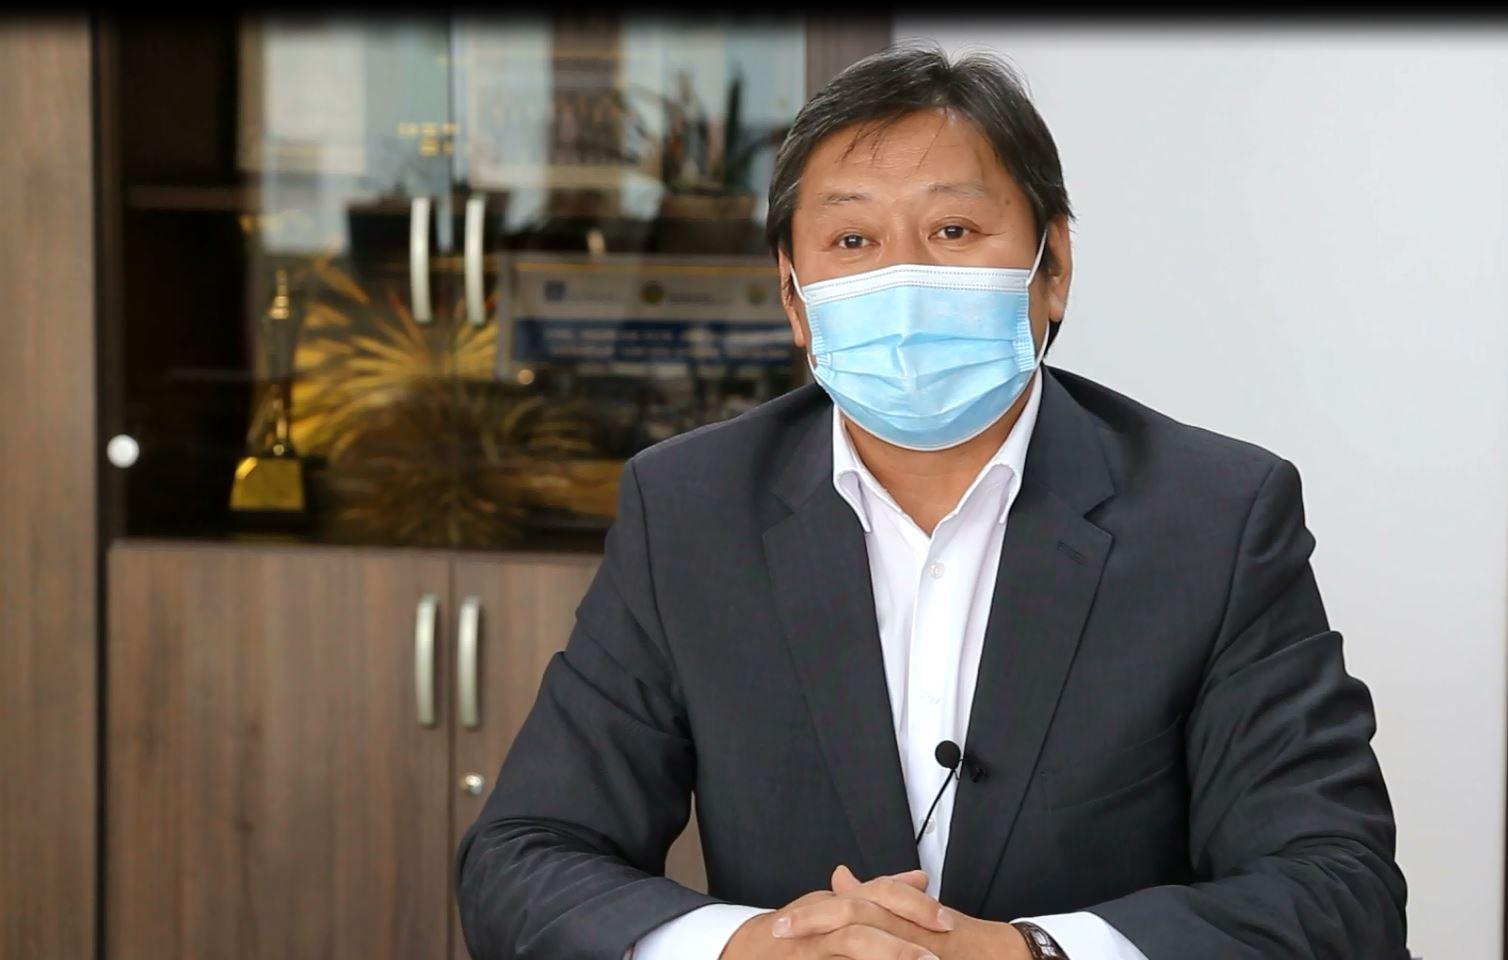 Д.Батмөнх: Өвс, тэжээлийн үнэ нэмэгдэхгүй байх бүрэн боломжтой